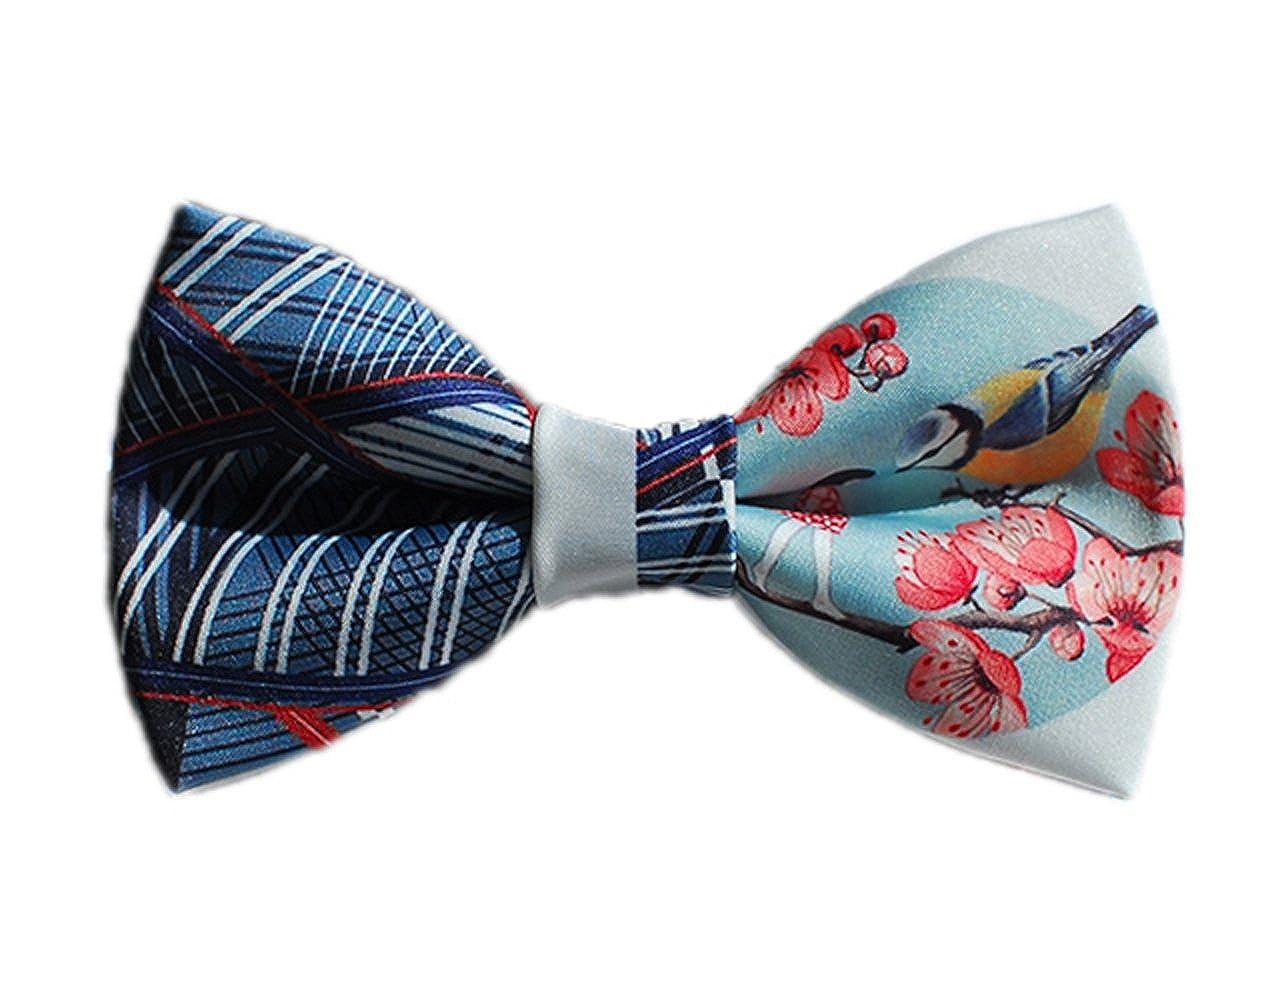 Dise?o De Corbata Urraca Estampados Textiles Manual Corbata (Azul ...